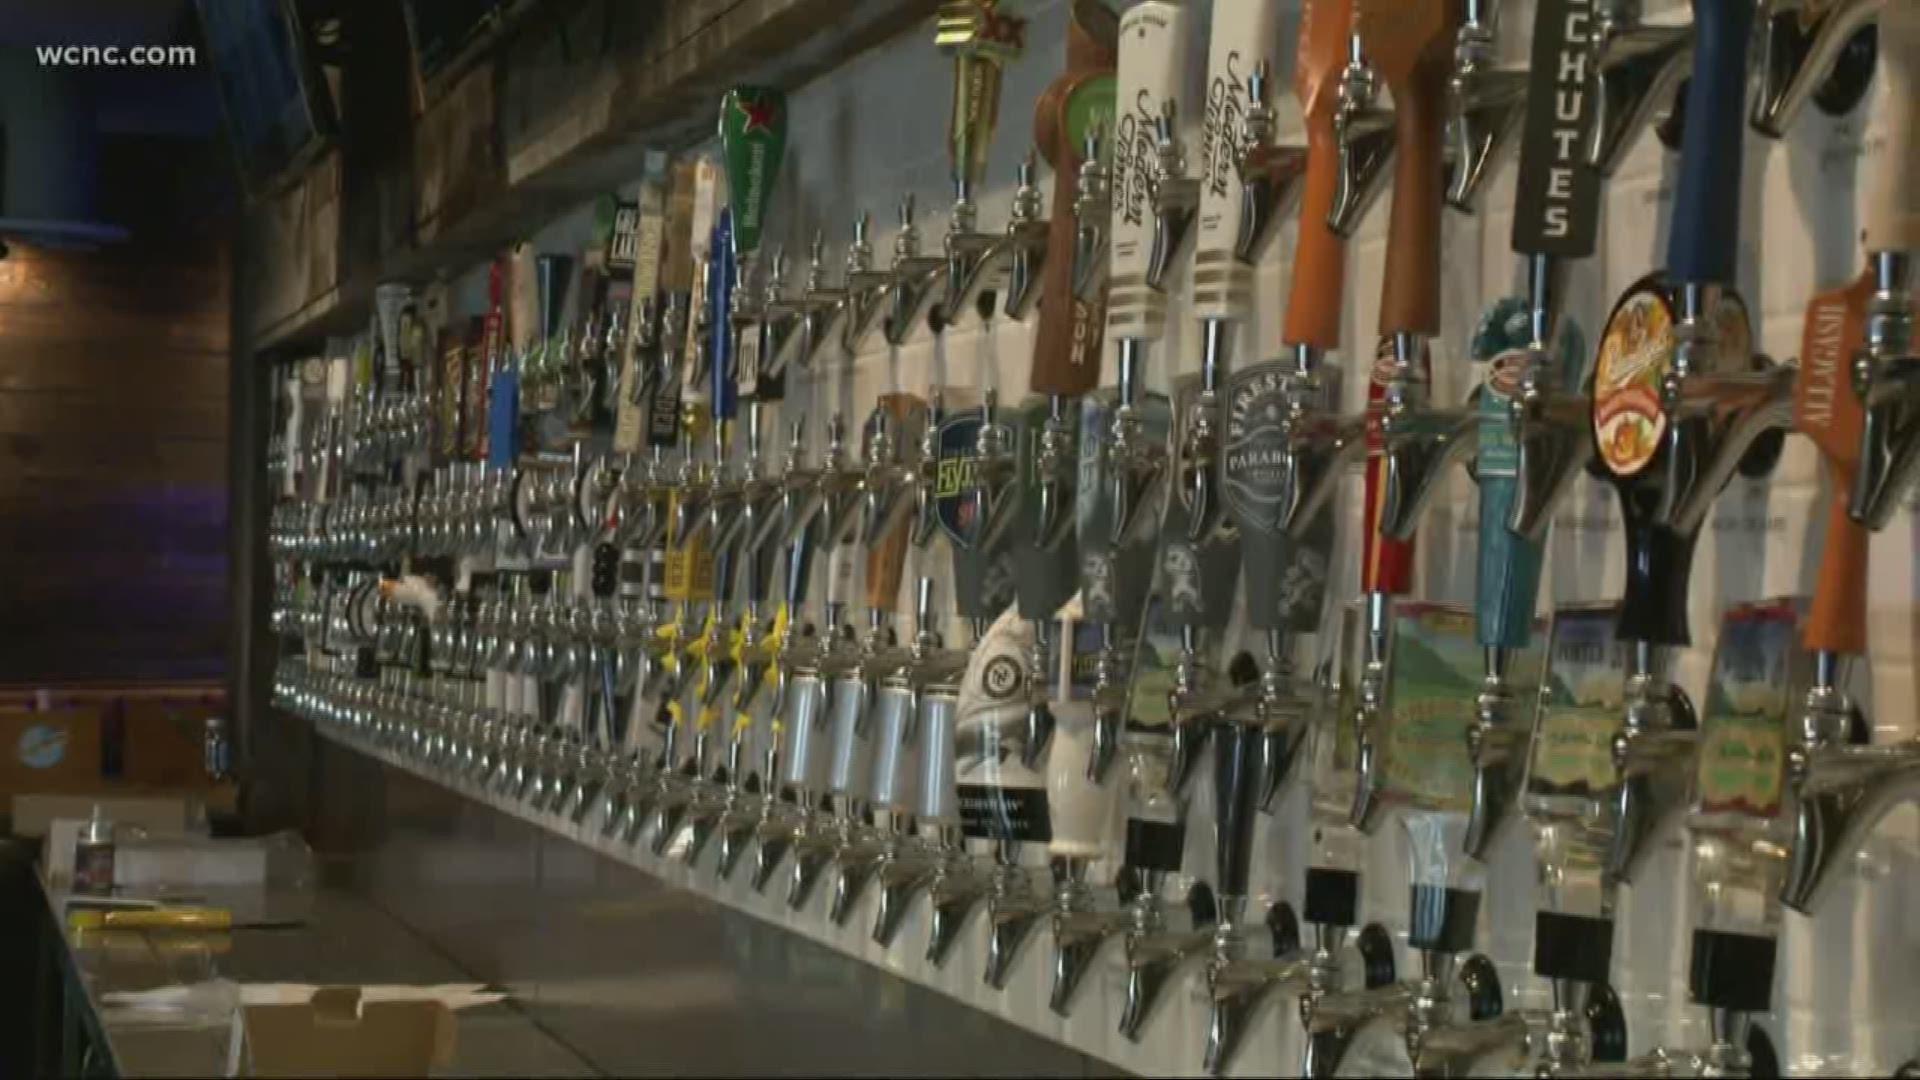 World S Biggest Beer Garden In Charlotte Wcnc Com